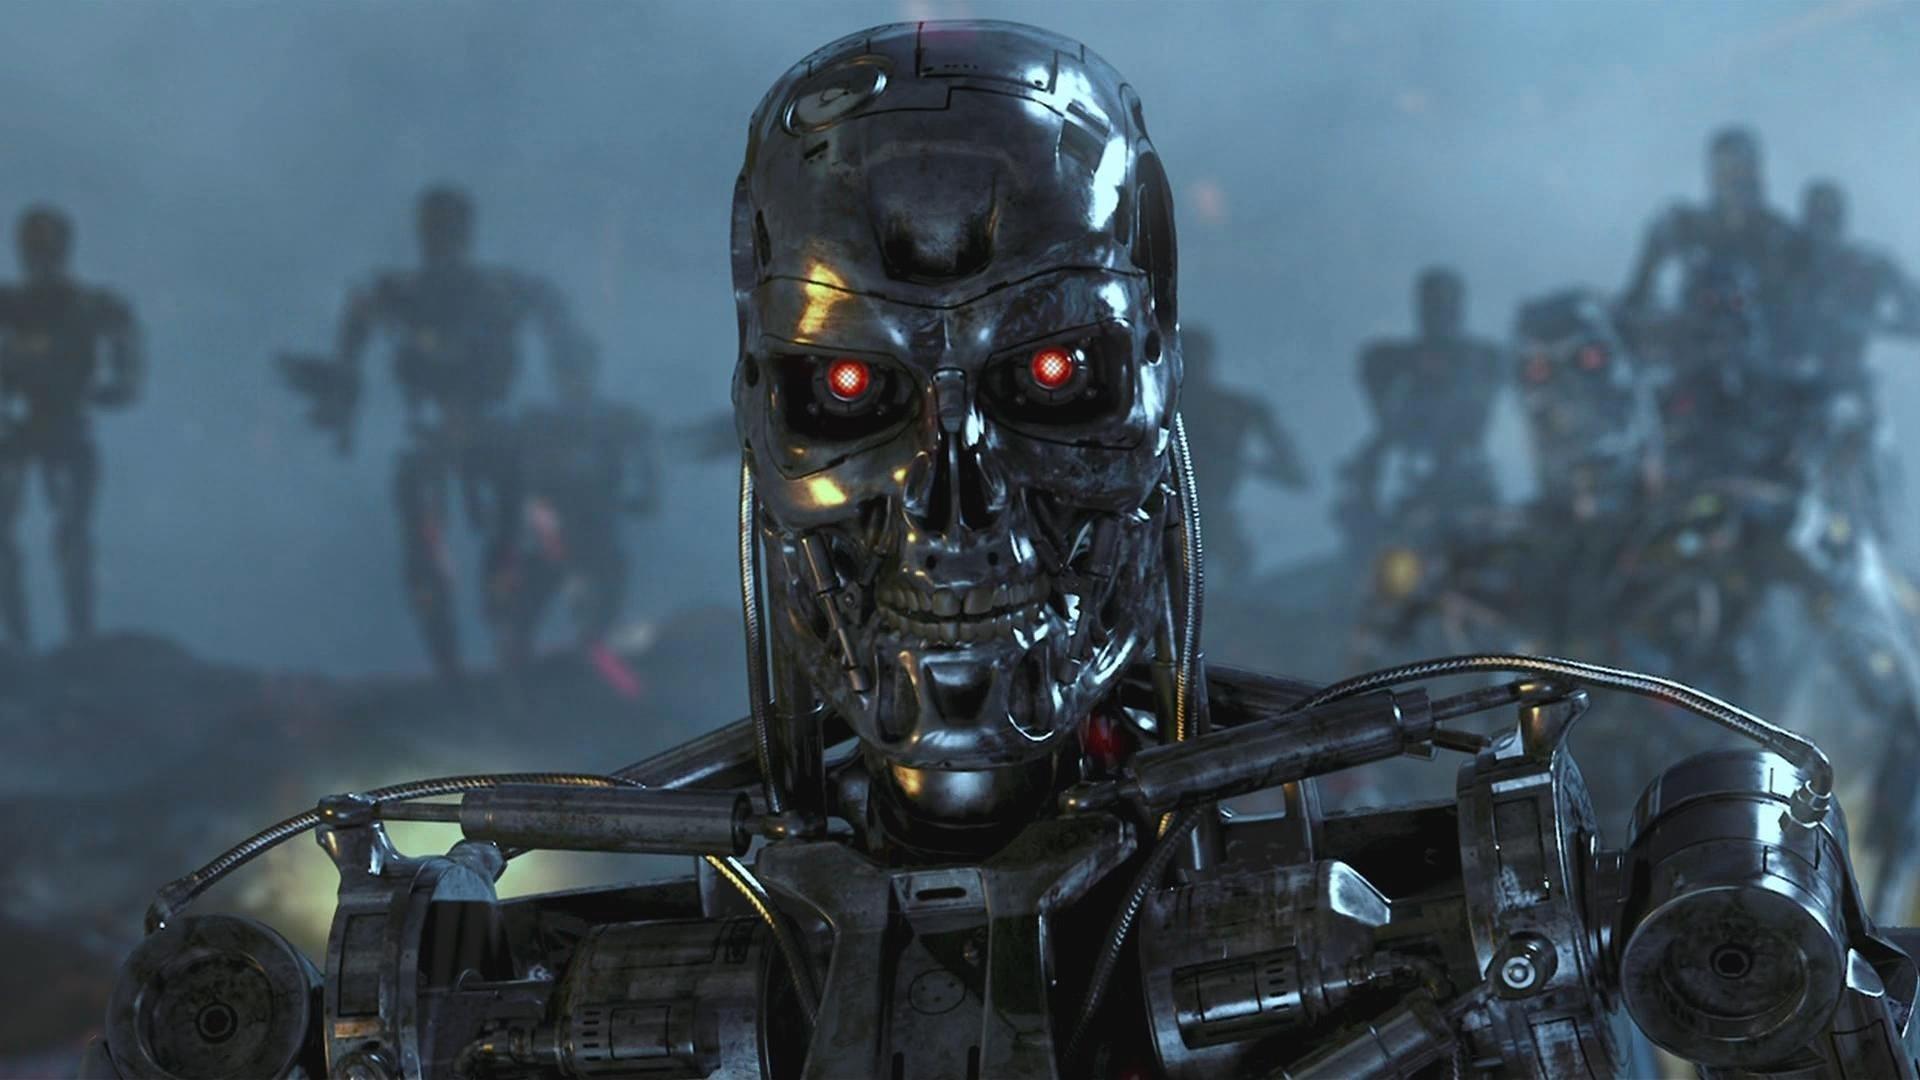 Илон Маск порекомендовал опасаться неСеверной Кореи, аискусственного интеллекта